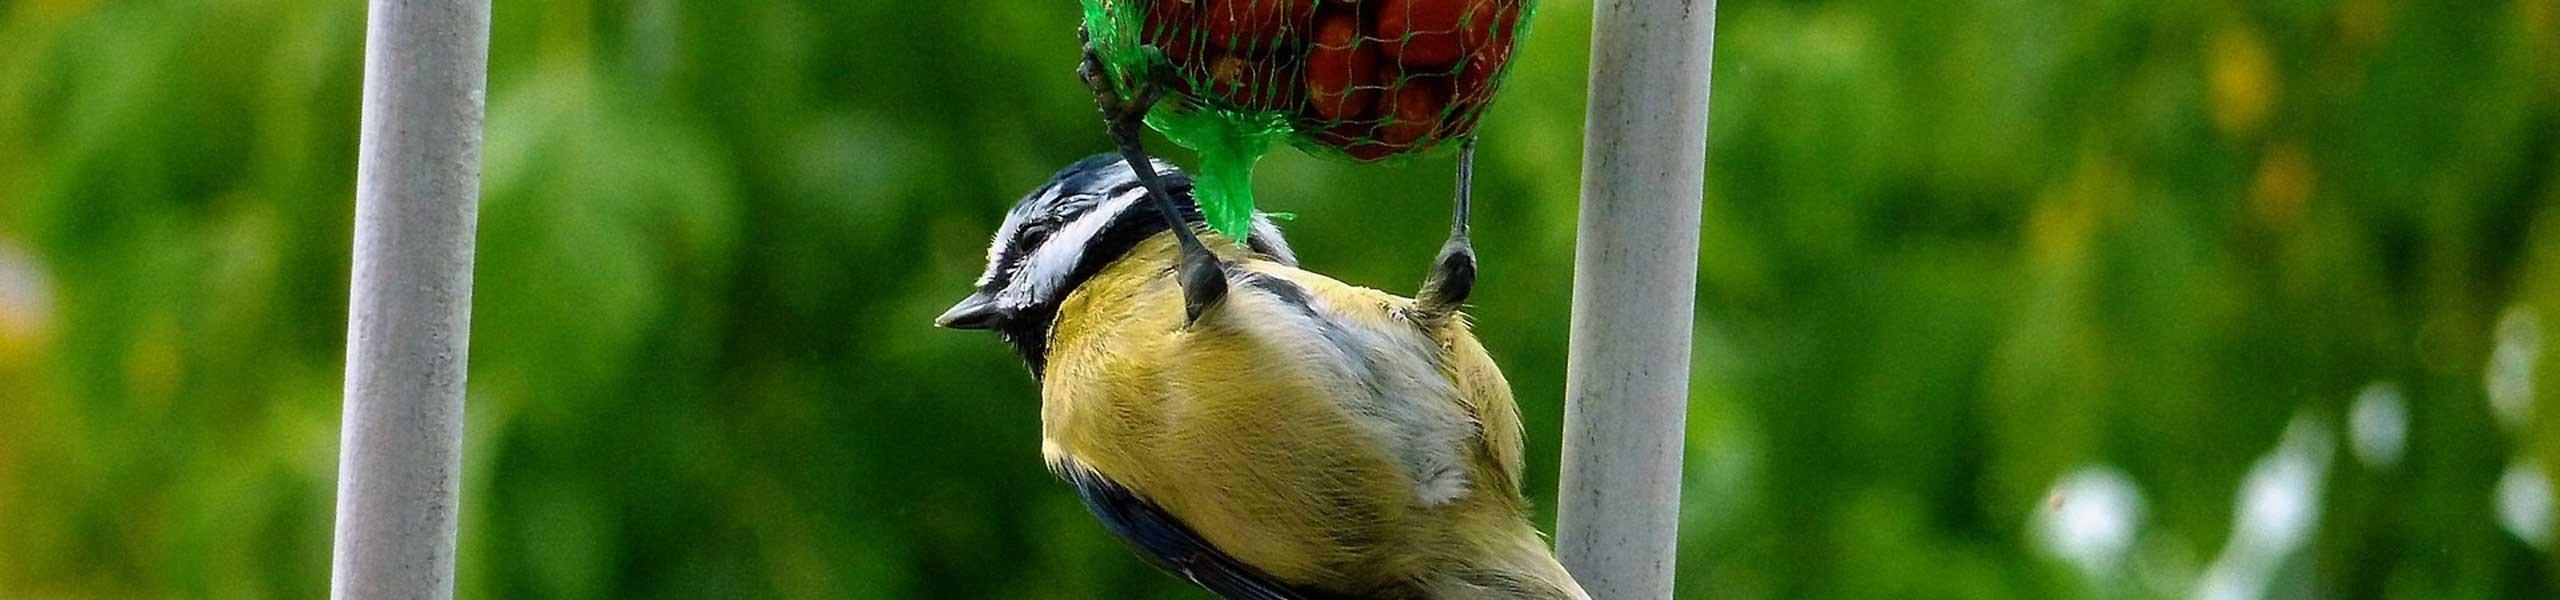 Aliment pour oiseaux